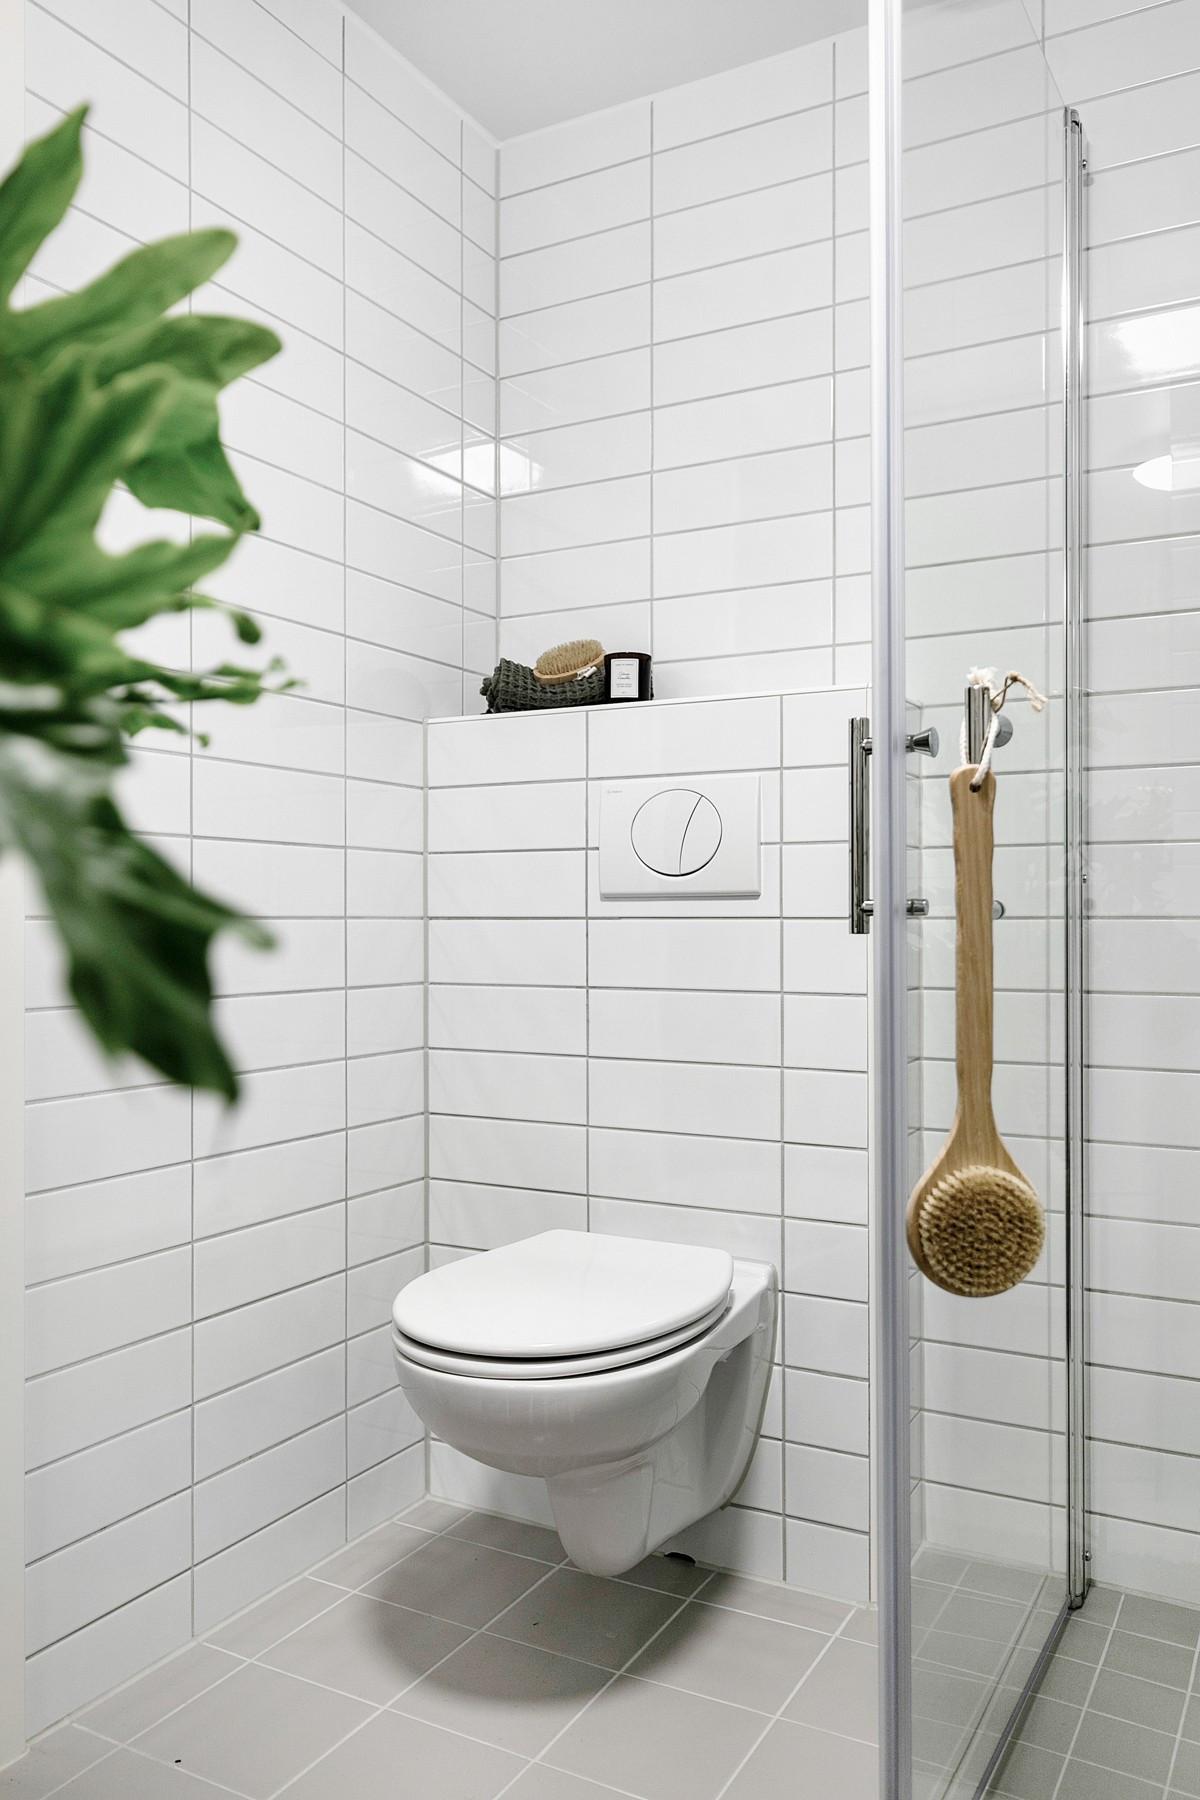 Vegghengt toalett, samt dusjhjørne